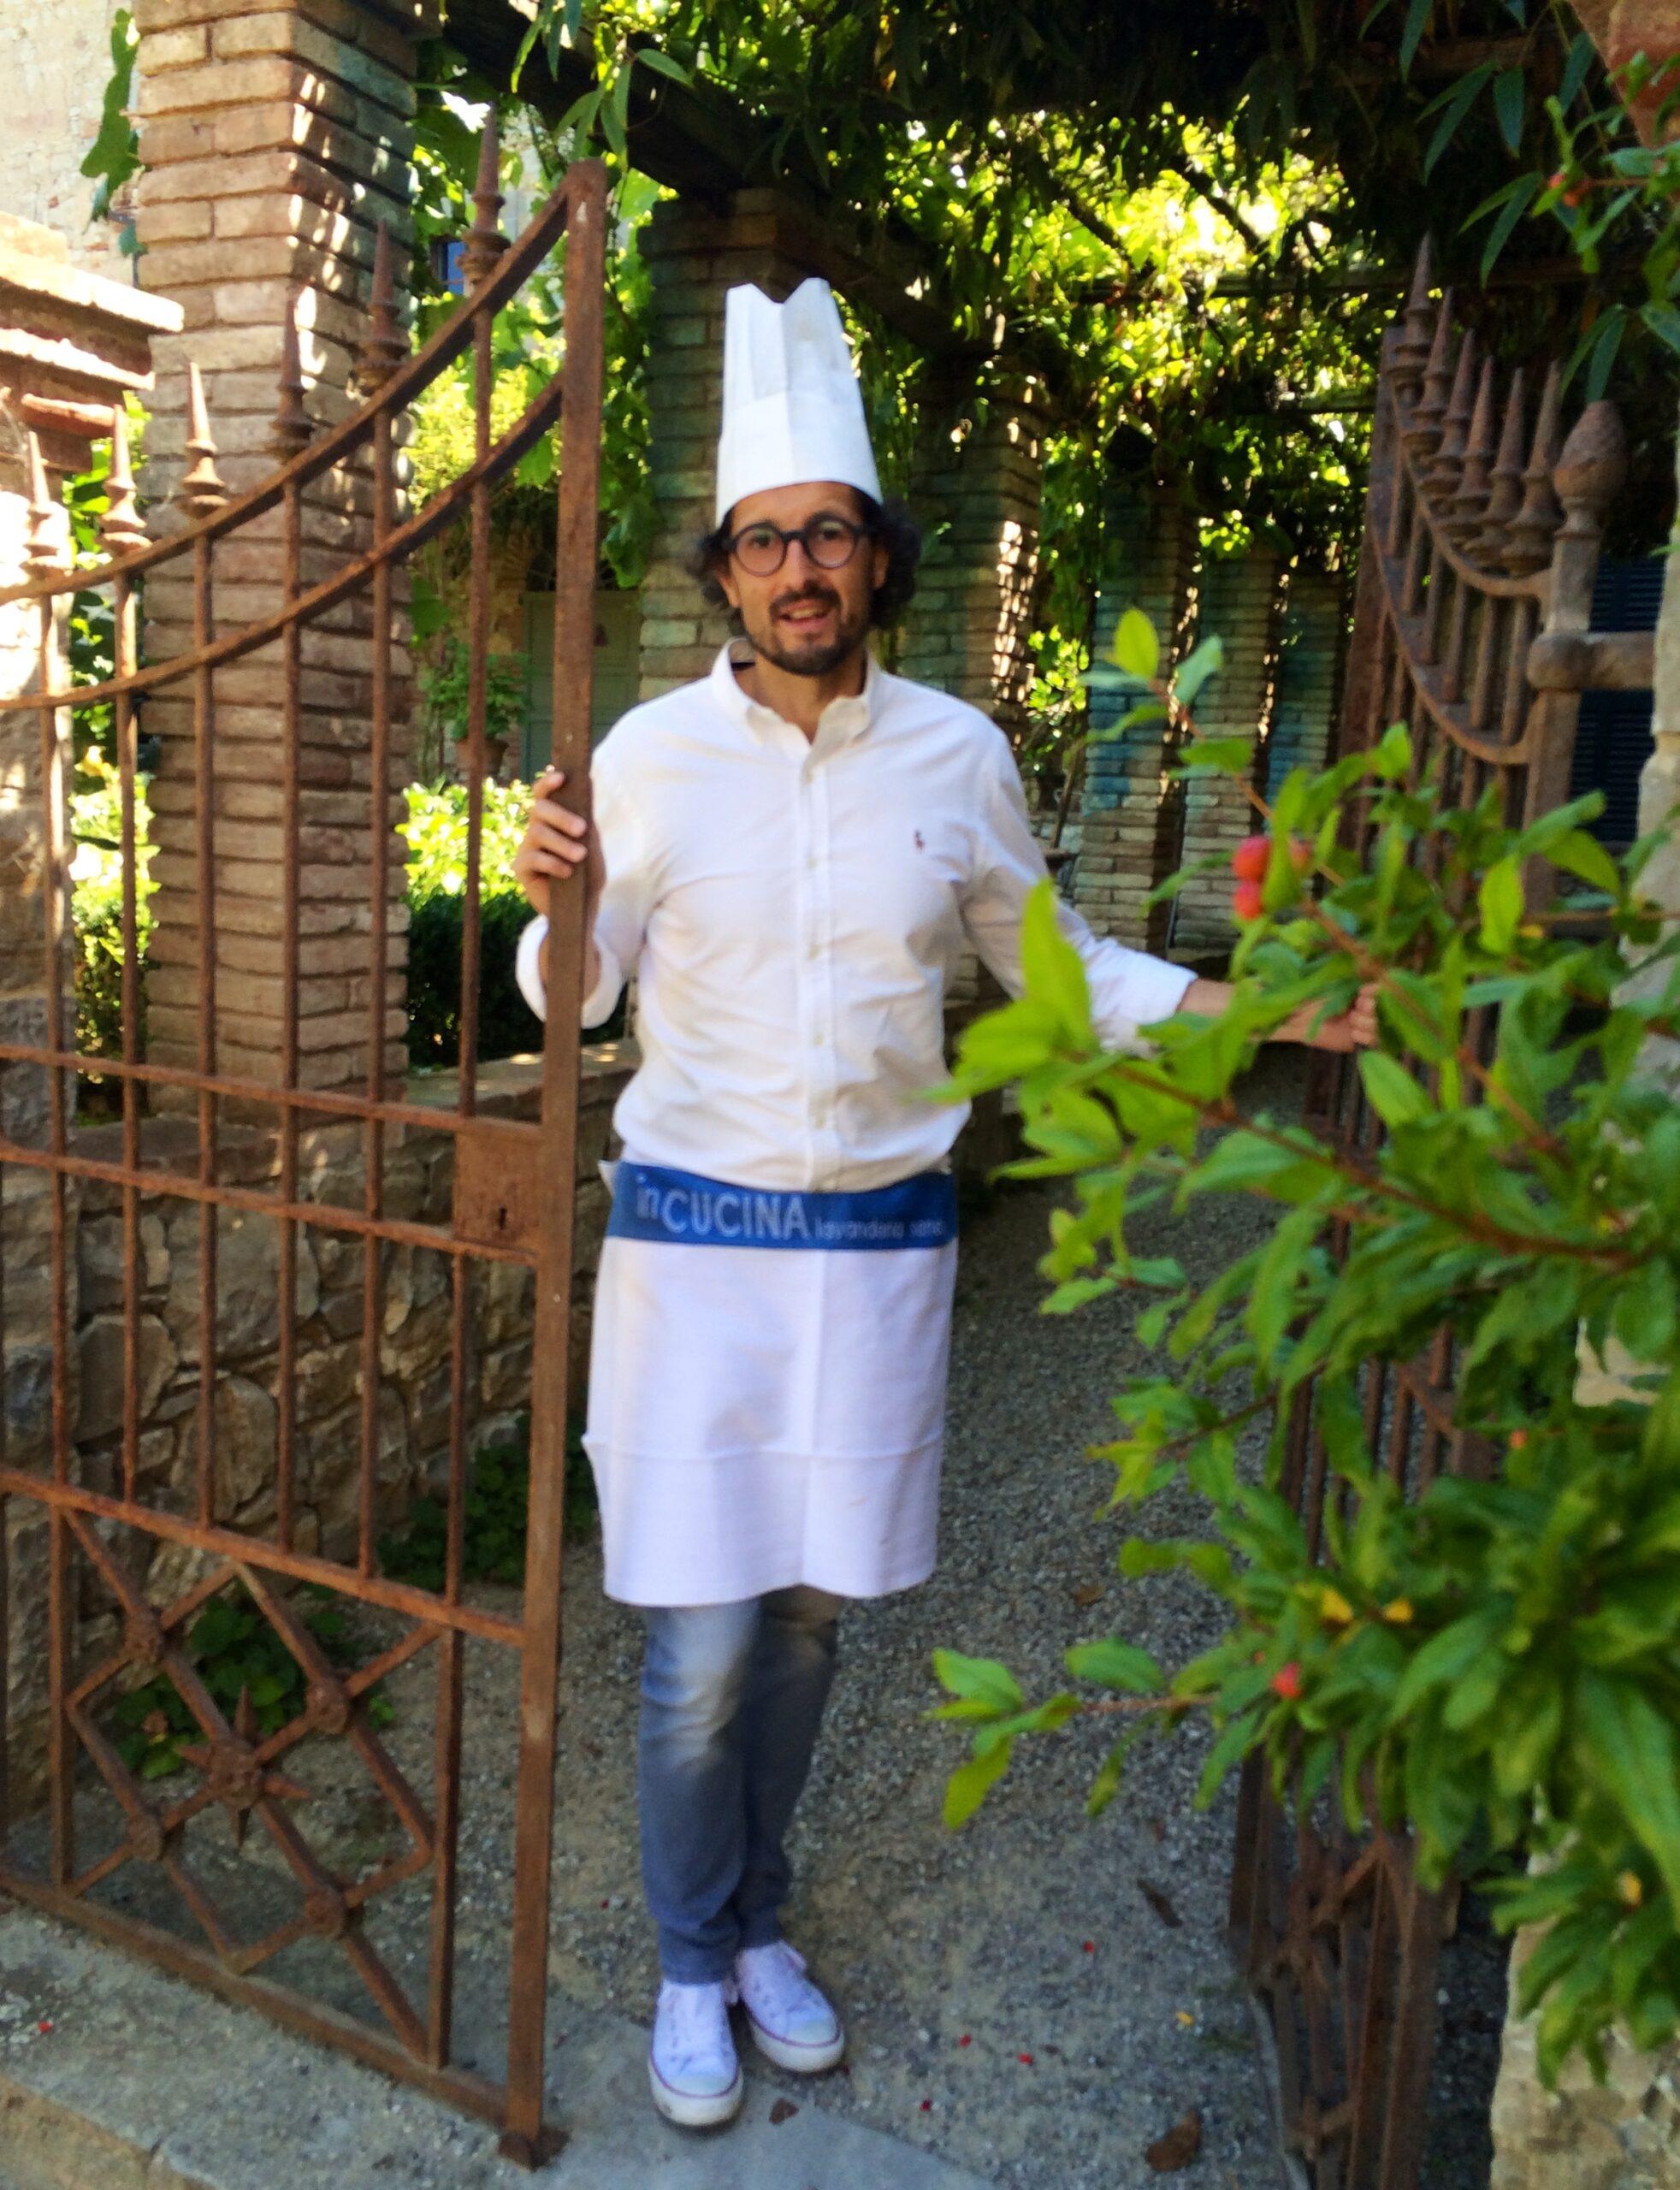 Pane Toscana